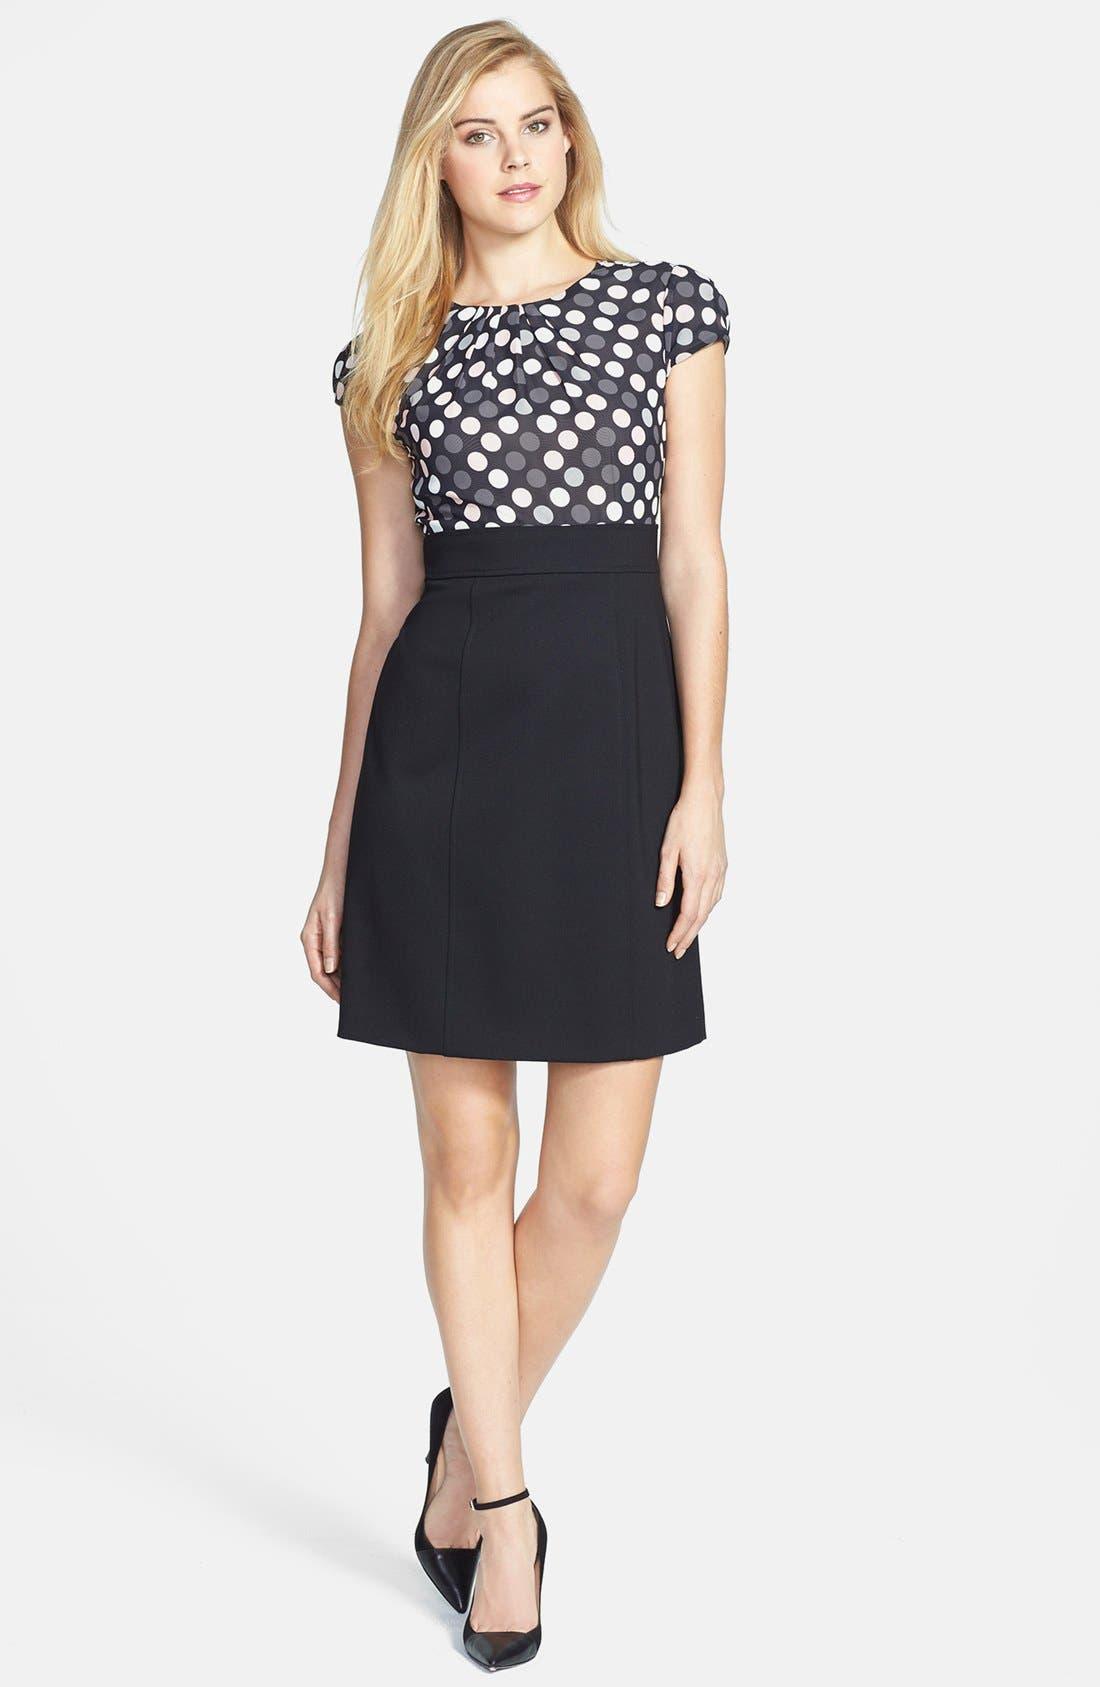 Main Image - Tahari Polka Dot Chiffon & Crepe Sheath Dress